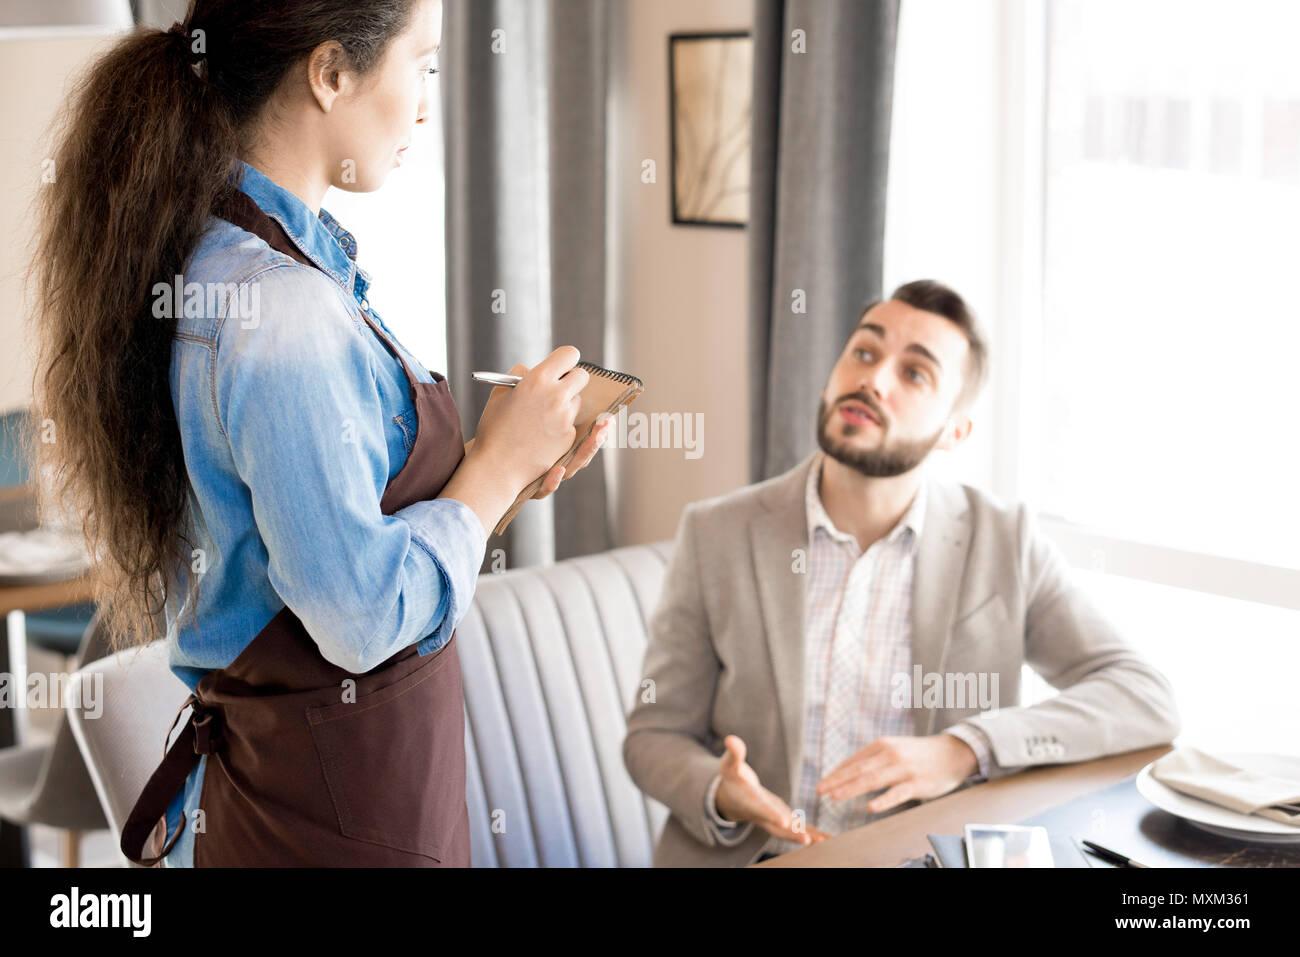 L'uomo partecipe della sua preferenza di gusto con cameriera Immagini Stock